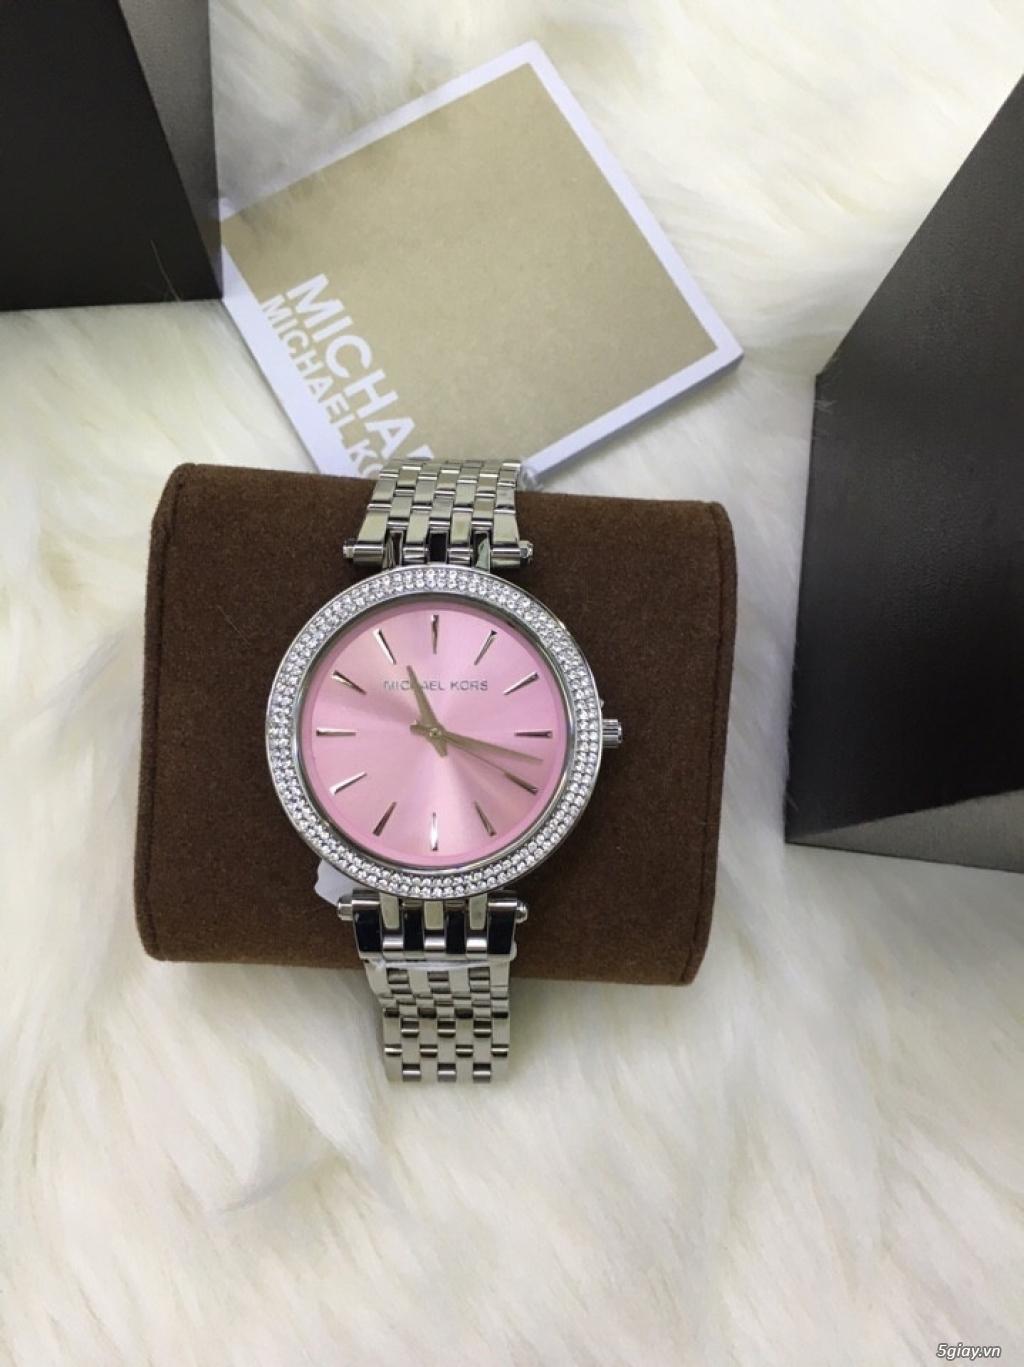 Đồng hồ chính hãng Michael Kors giá rẻ - 37